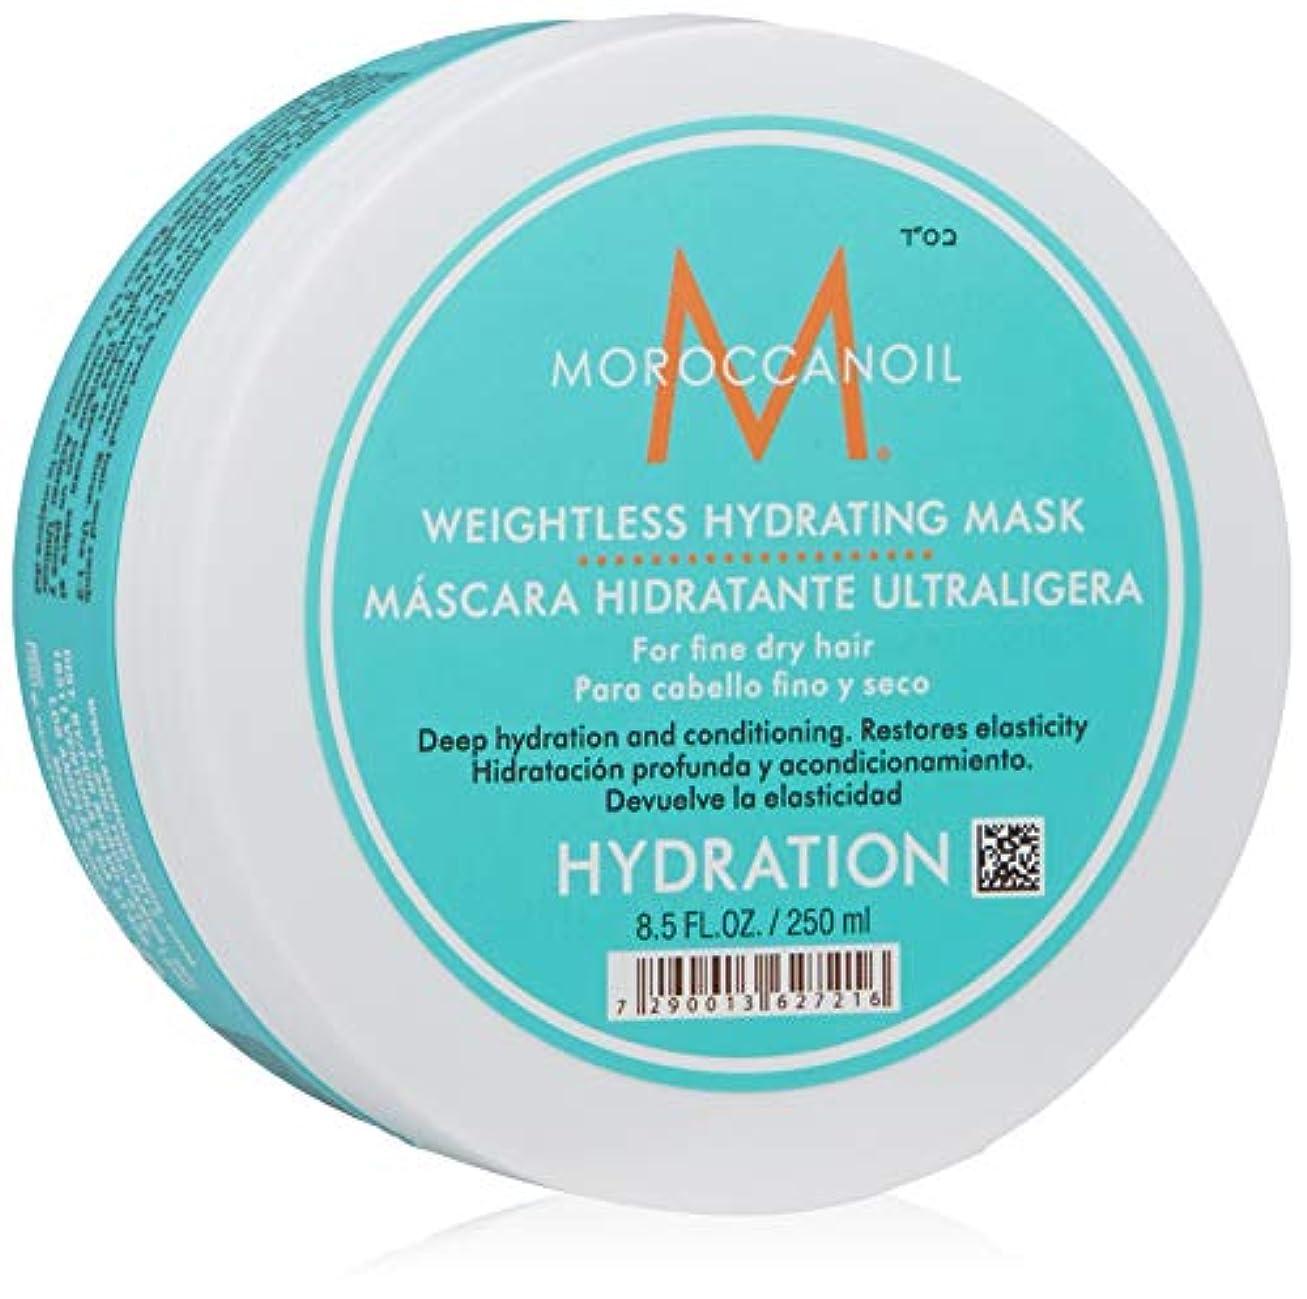 支援するアレルギー世界の窓モロッカンオイル ウェイトレス ハイドレーティング マスク 250ml